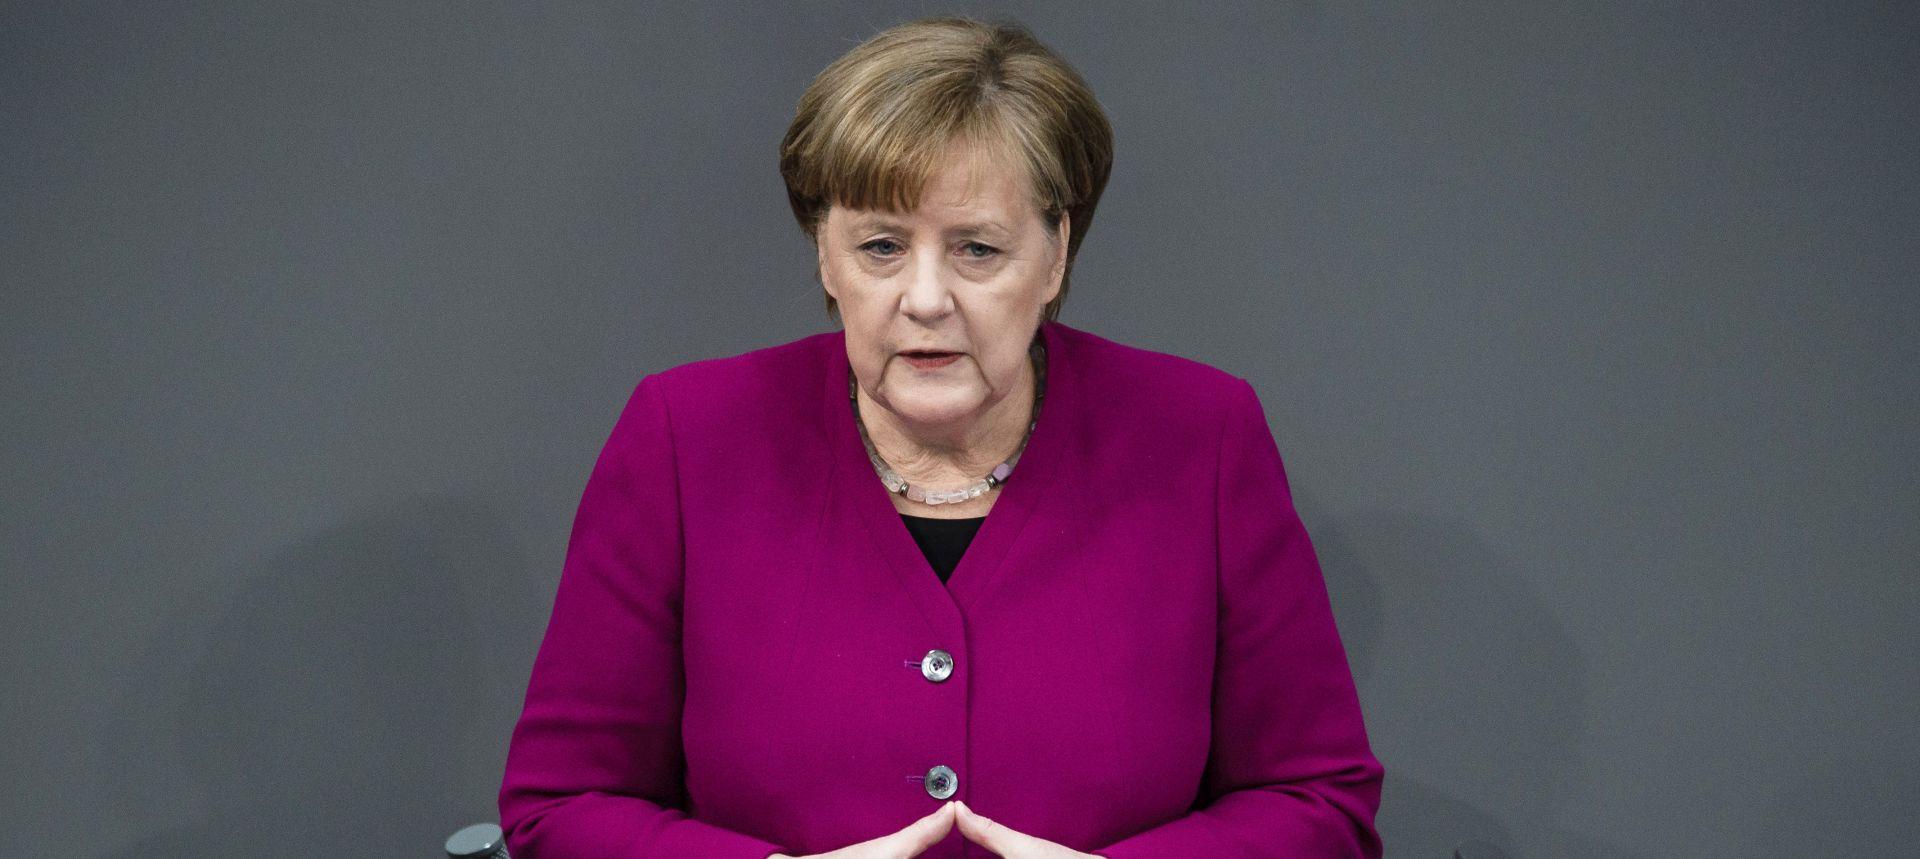 Stranke demokršćanske Unije CDU/CSU postigle dogovor u sporu oko migranata